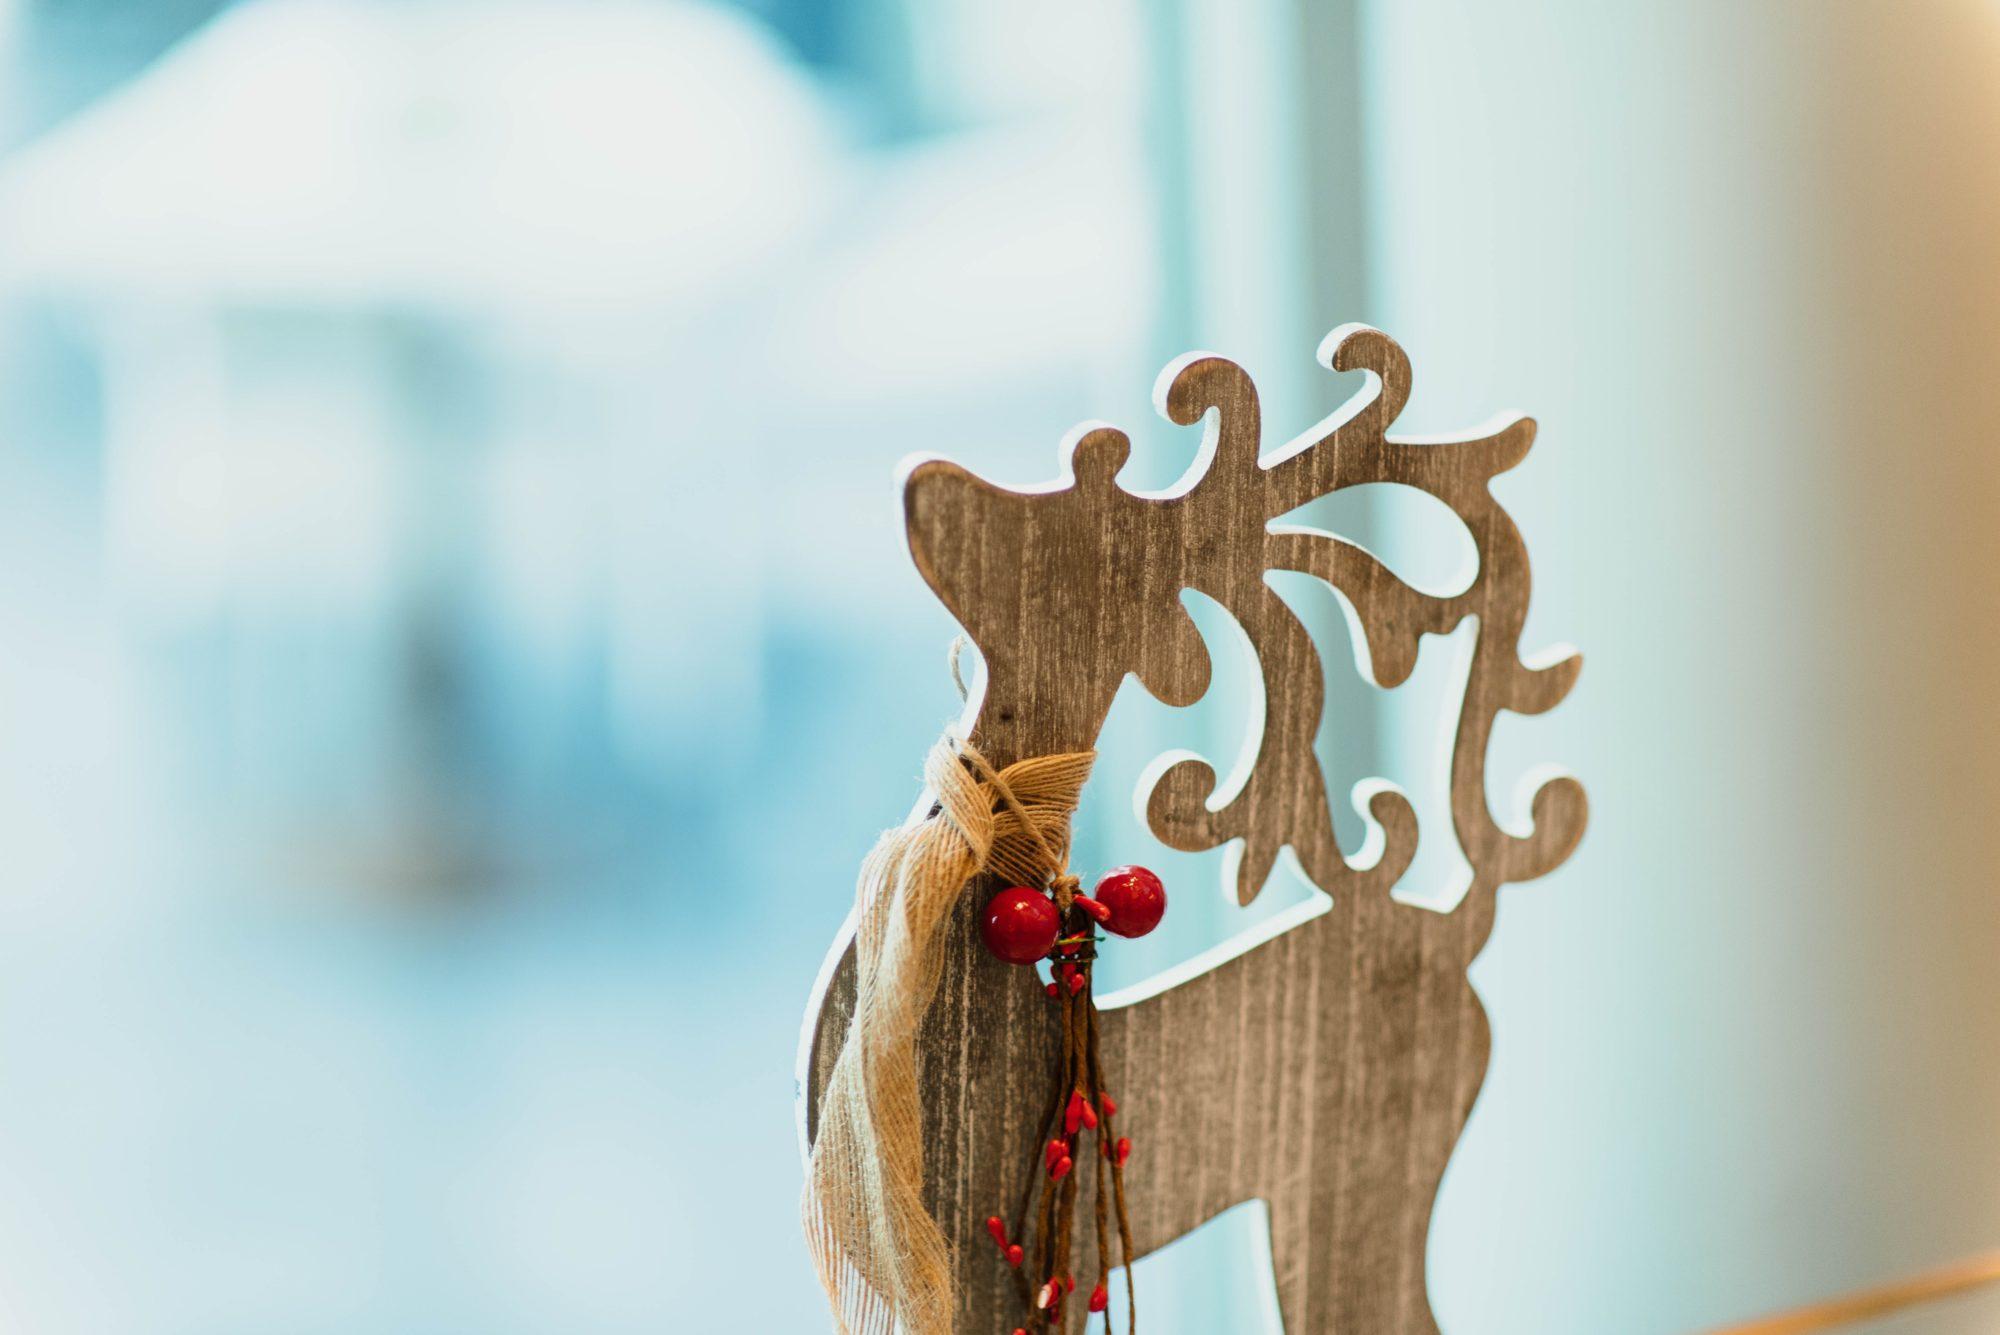 Sei tradizioni natalizie di cui non ne sapevi l'esistenza